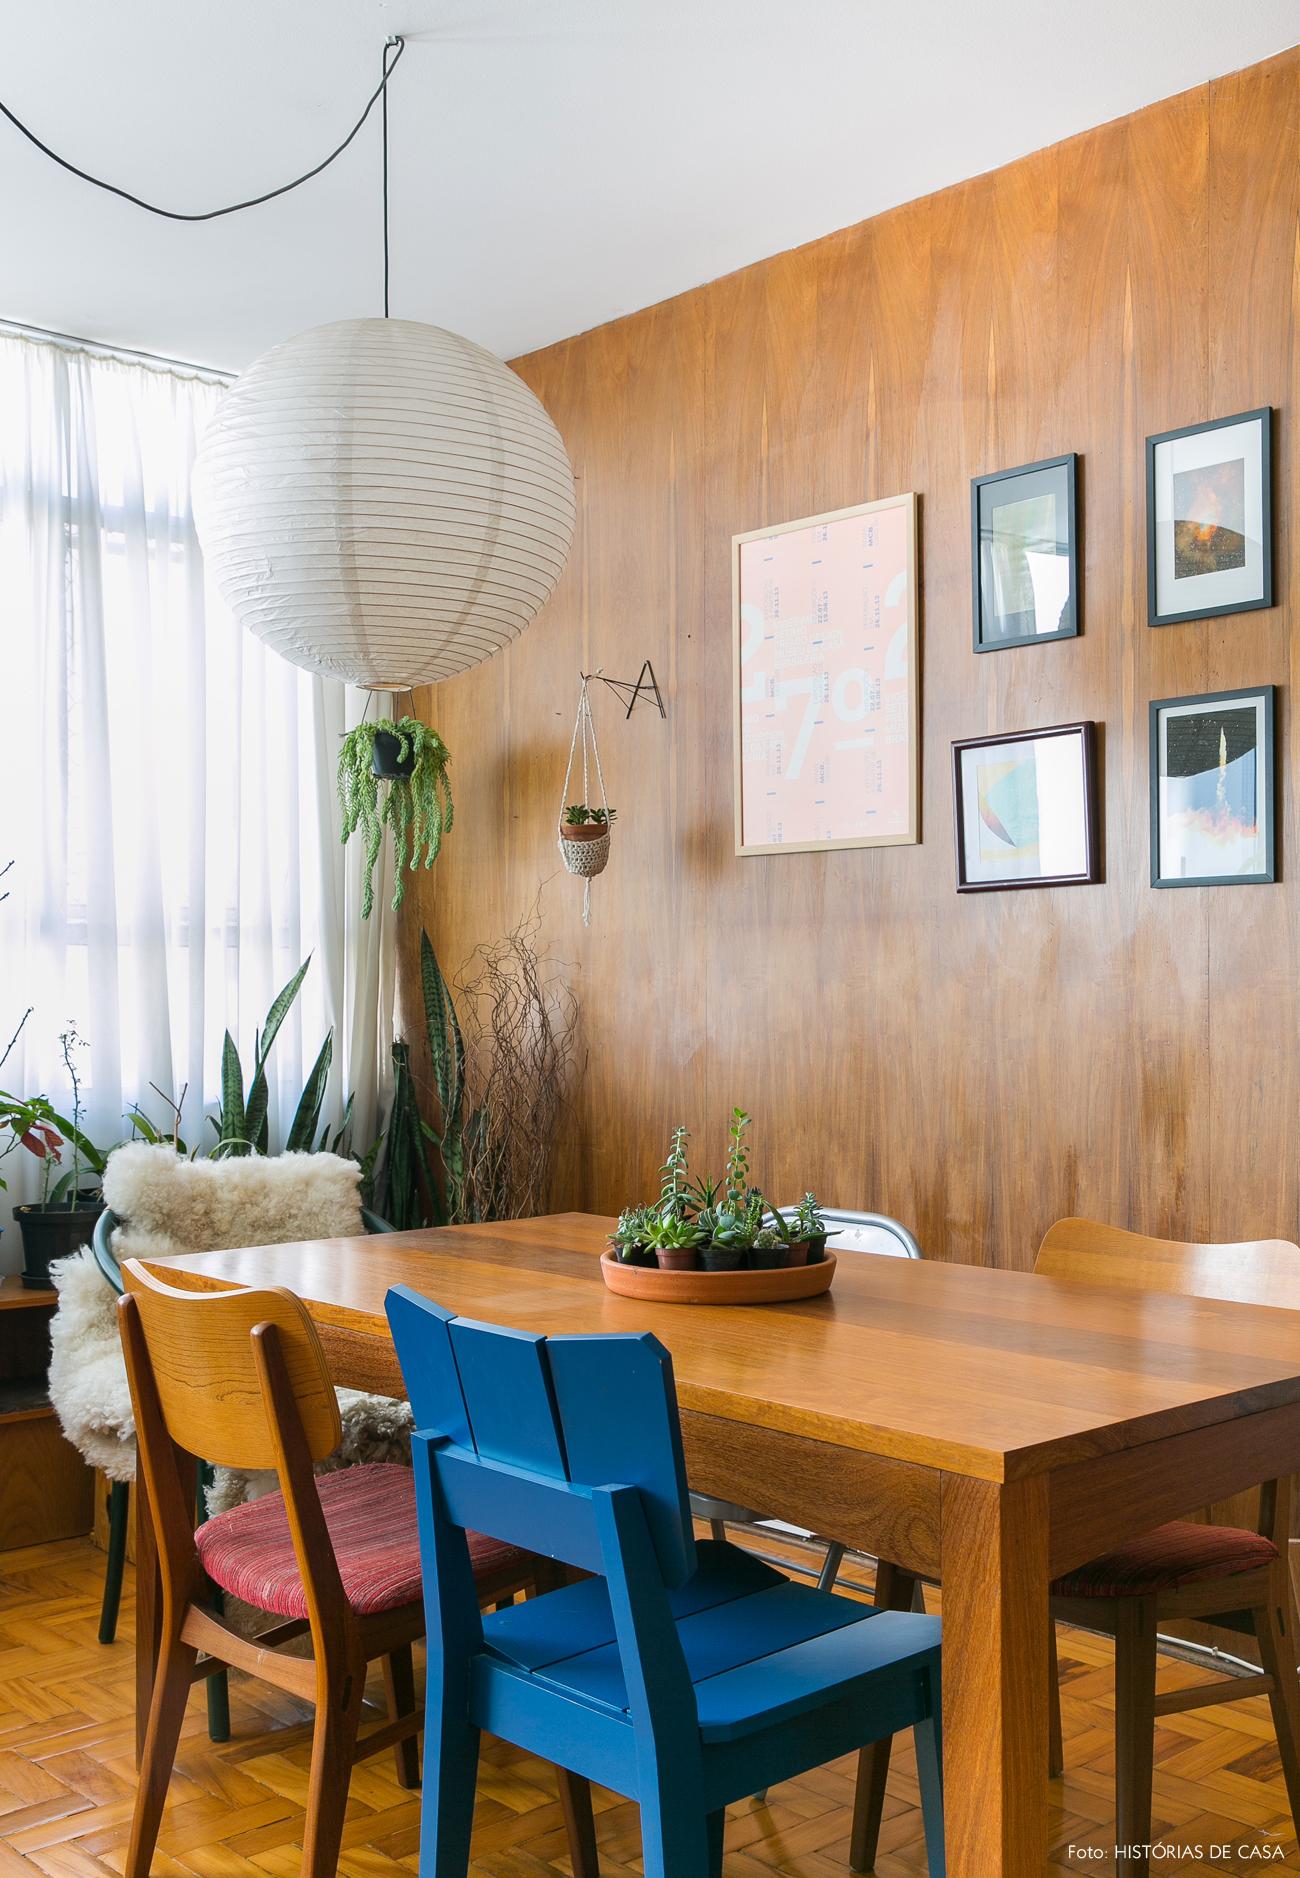 14-decoracao-apartamento-sala-jantar-cadeiras-descombinadas-lanterna